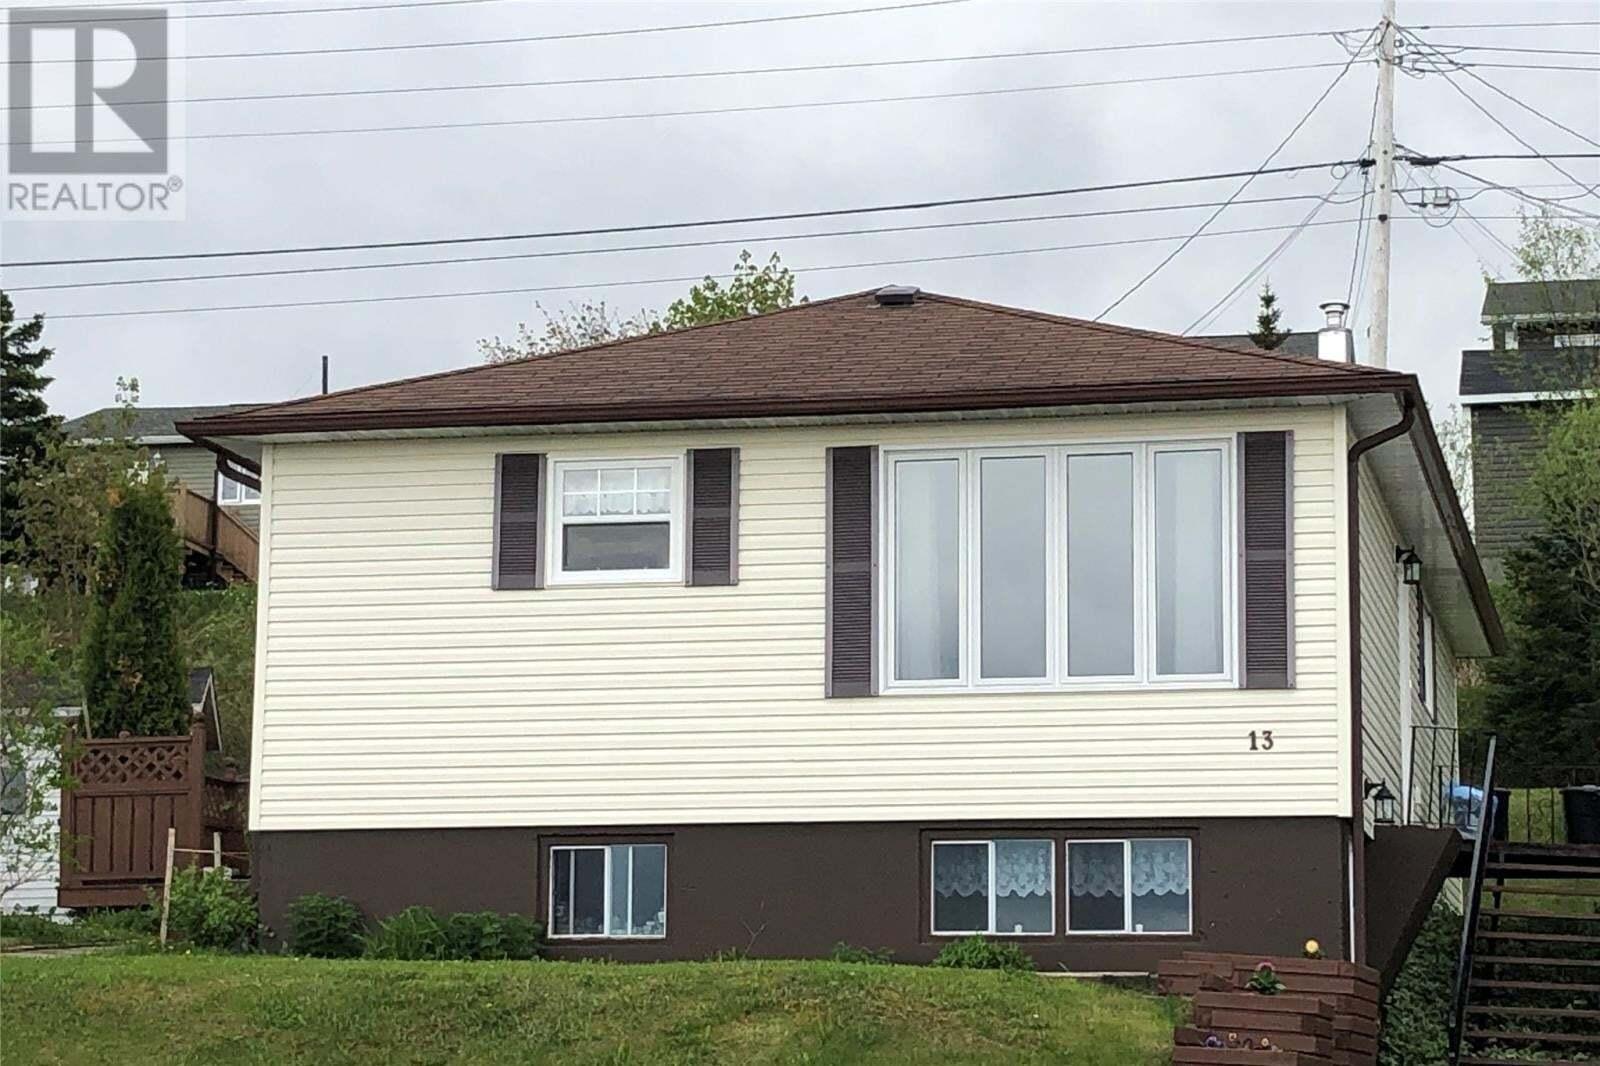 House for sale at 13 Tudor St Corner Brook Newfoundland - MLS: 1216101